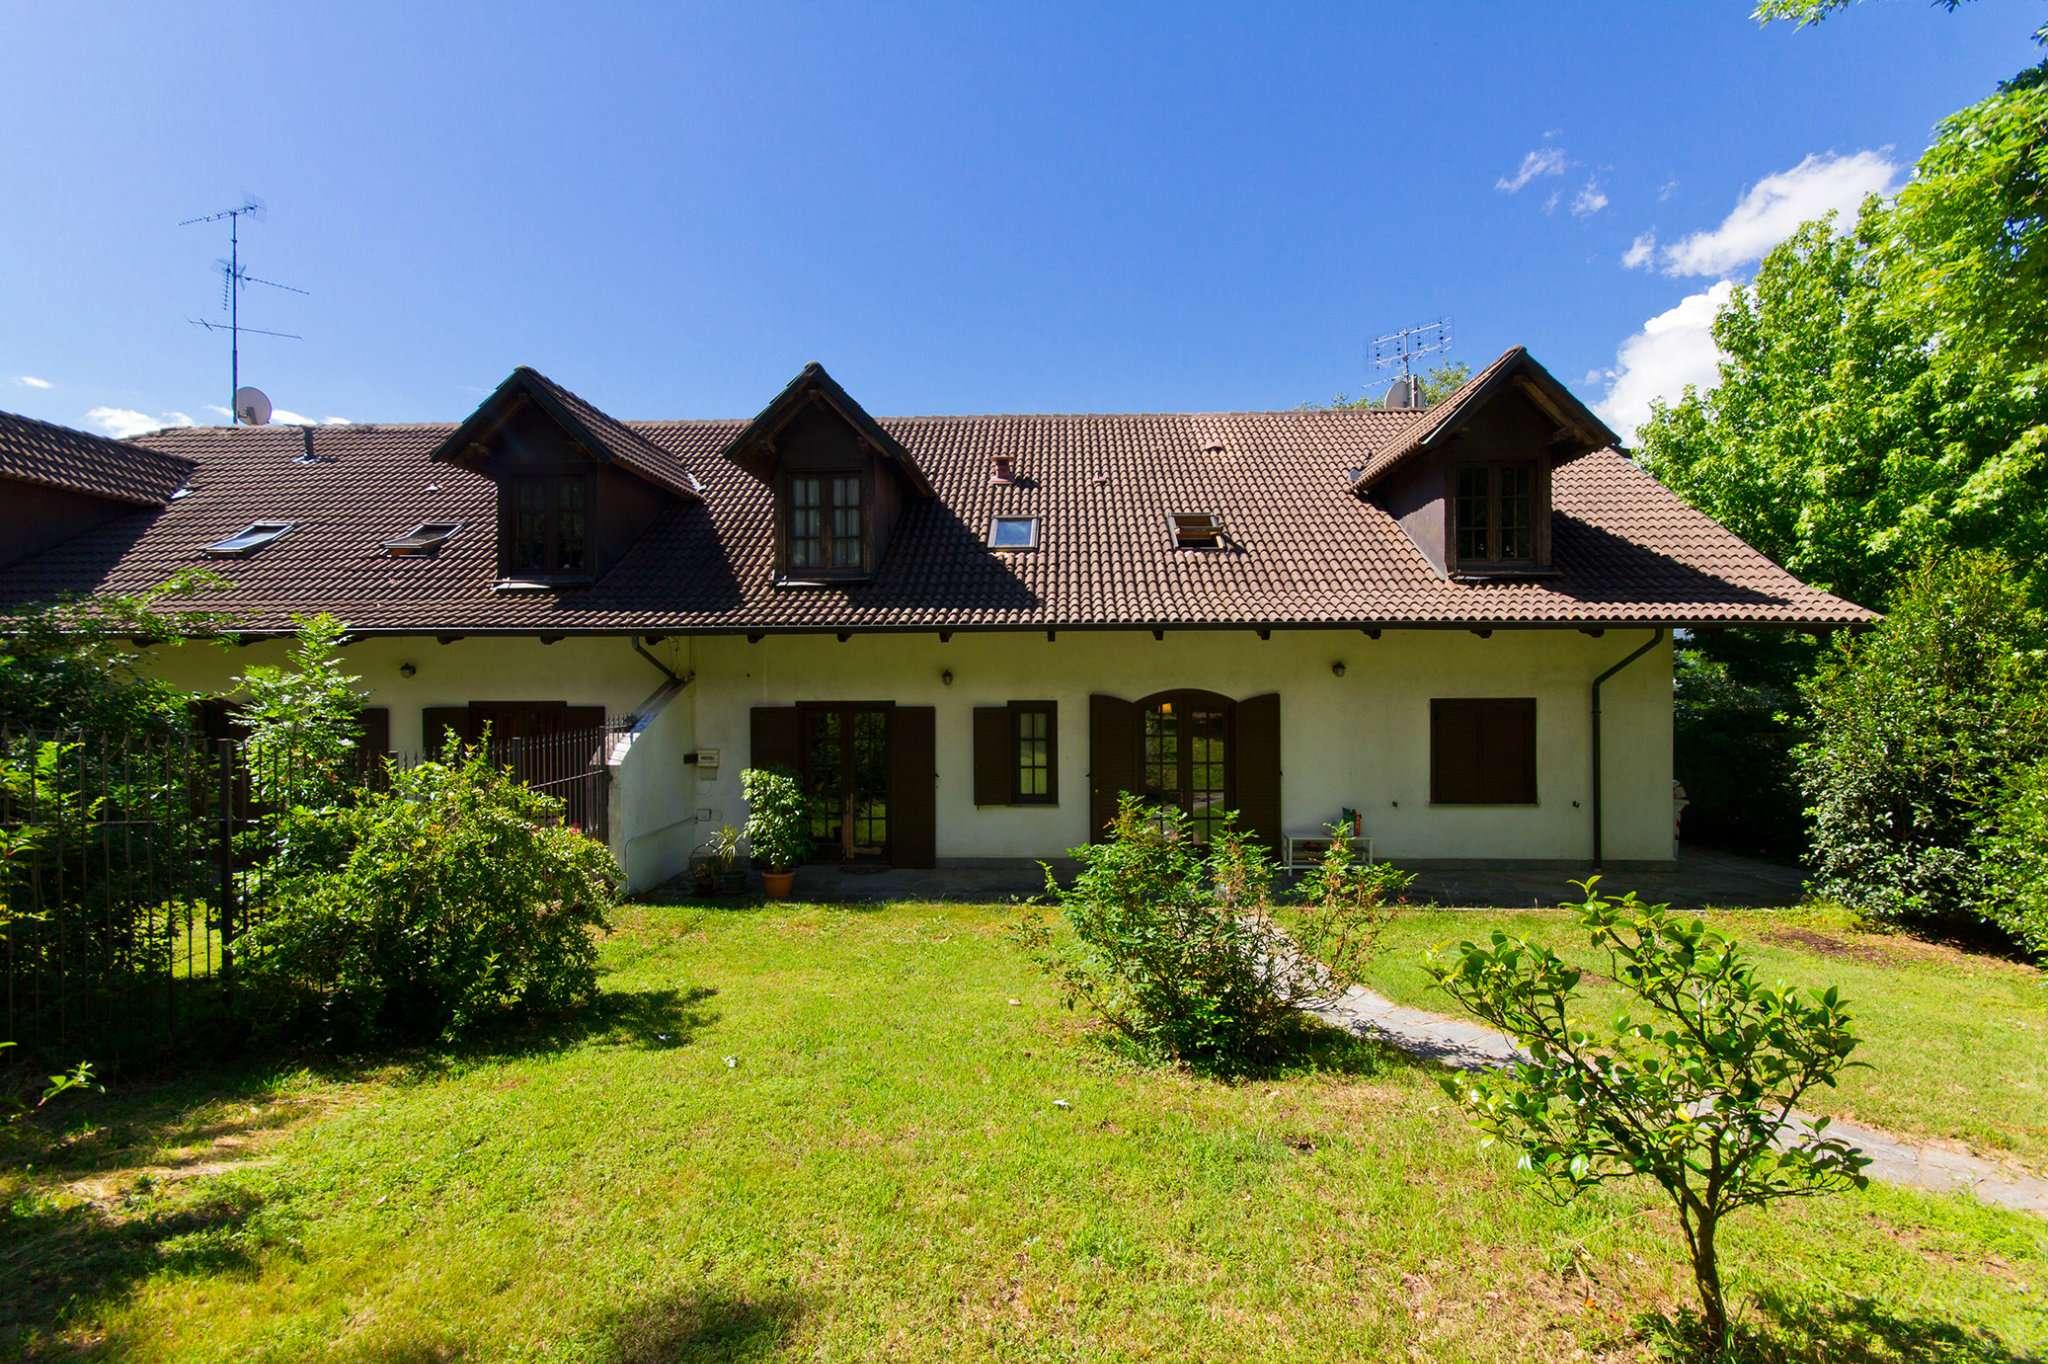 Villa in vendita a Almese, 10 locali, prezzo € 525.000 | CambioCasa.it